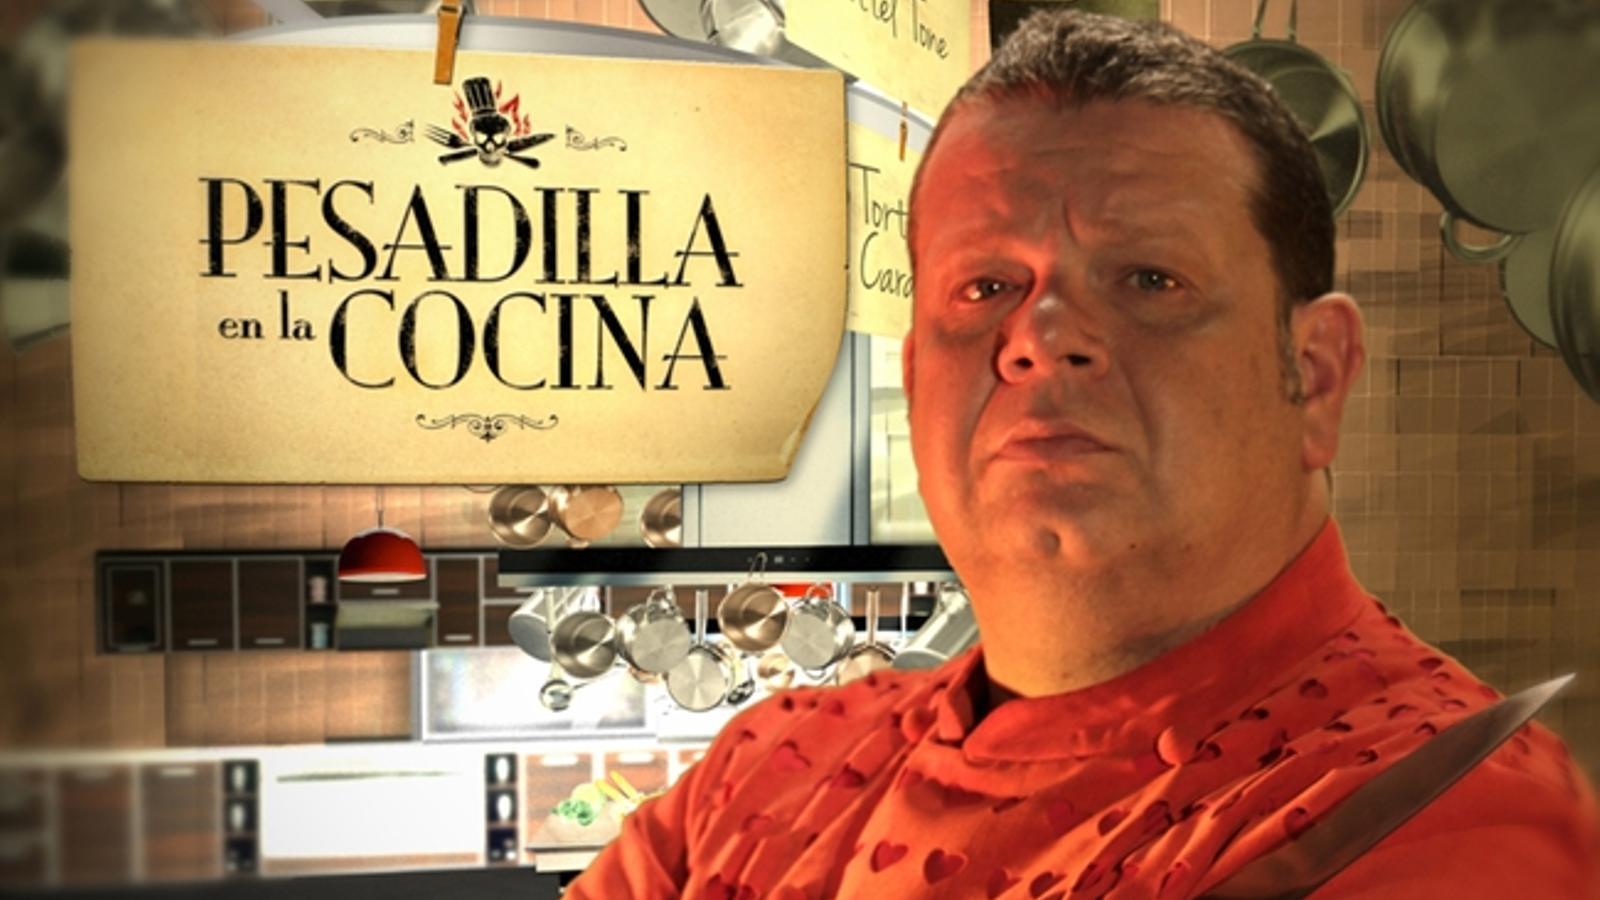 39 pesadilla en la cocina 39 tindr segona temporada for Pesadilla en la cocina brasas